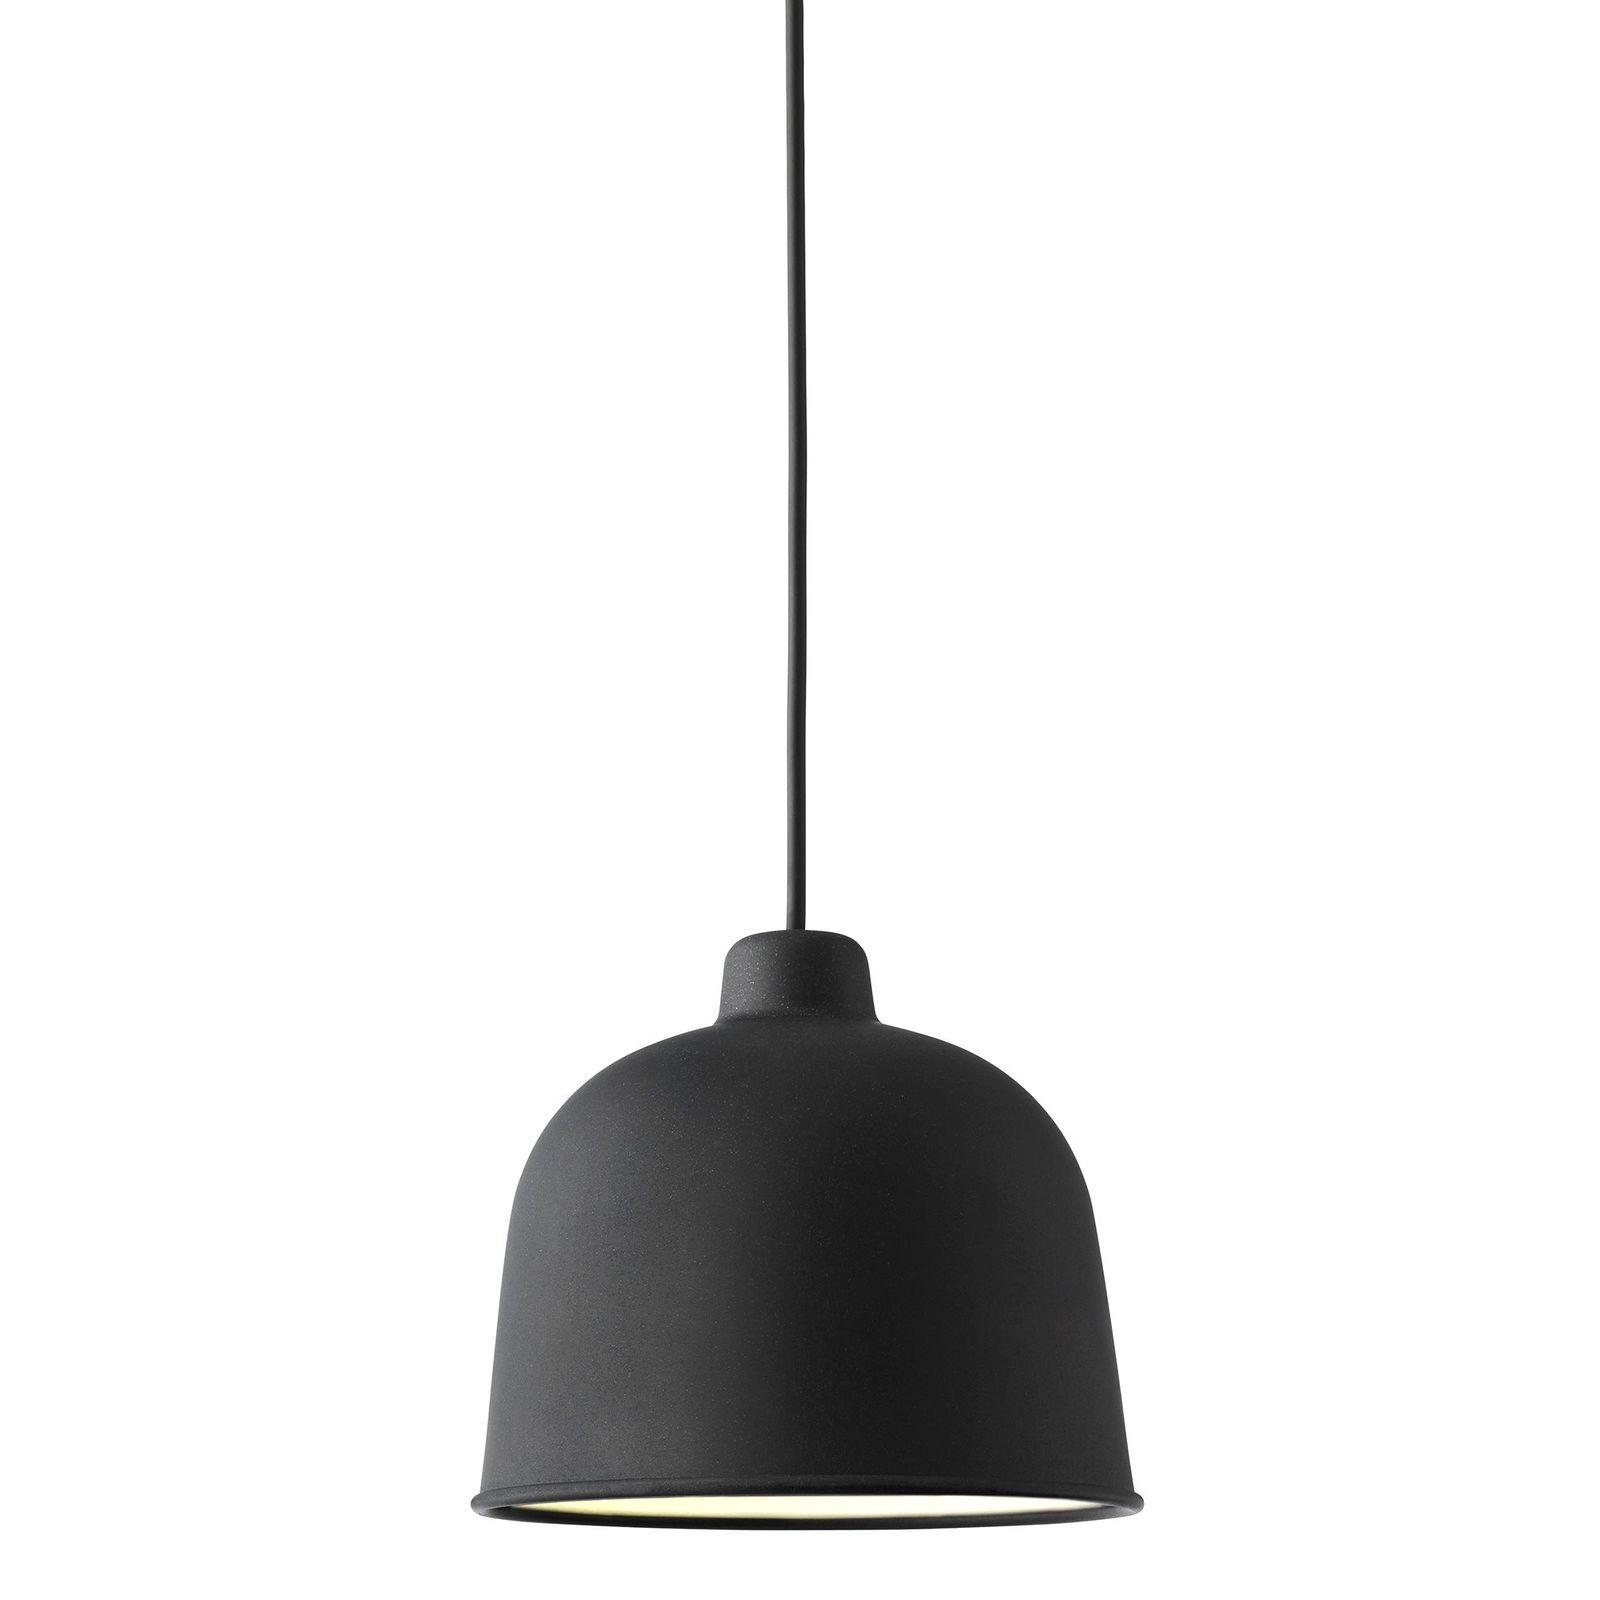 Grain hanglamp Muuto zwart